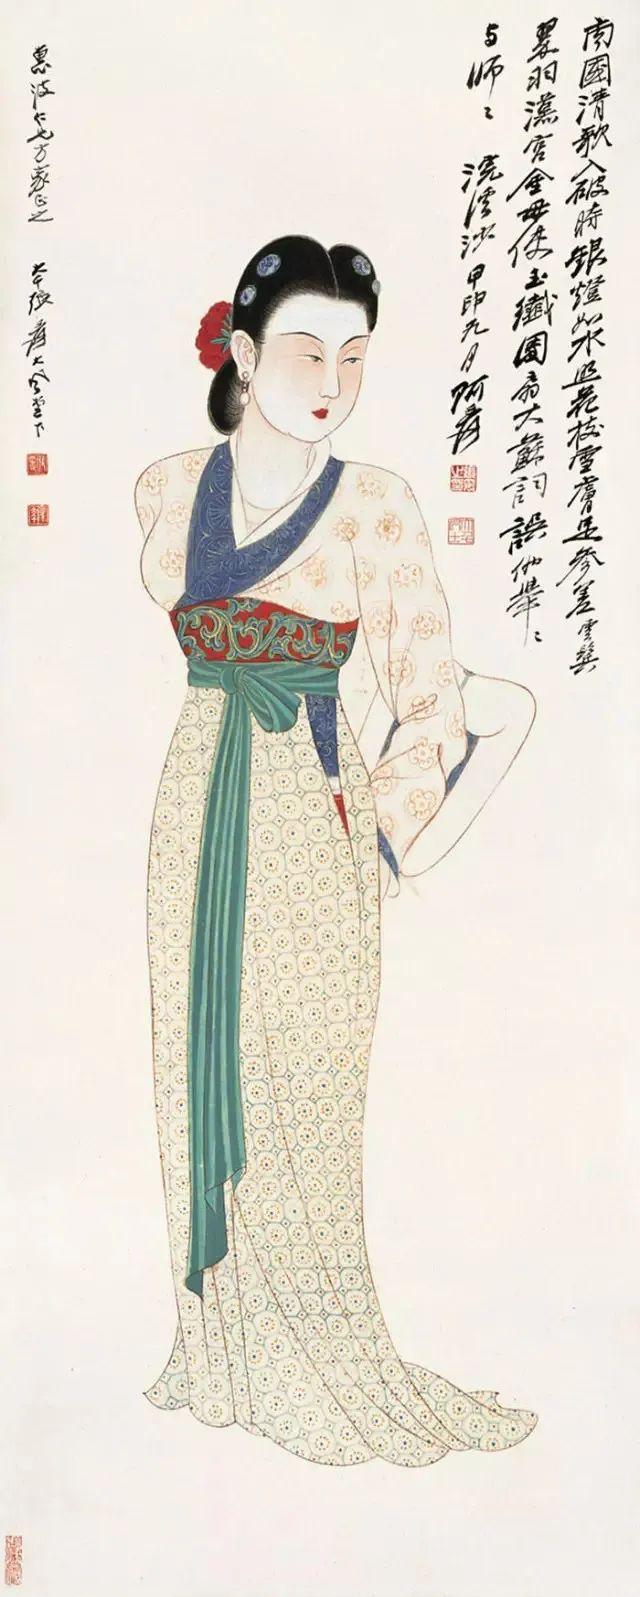 张大千 唐妆仕女图 1944 私人收藏